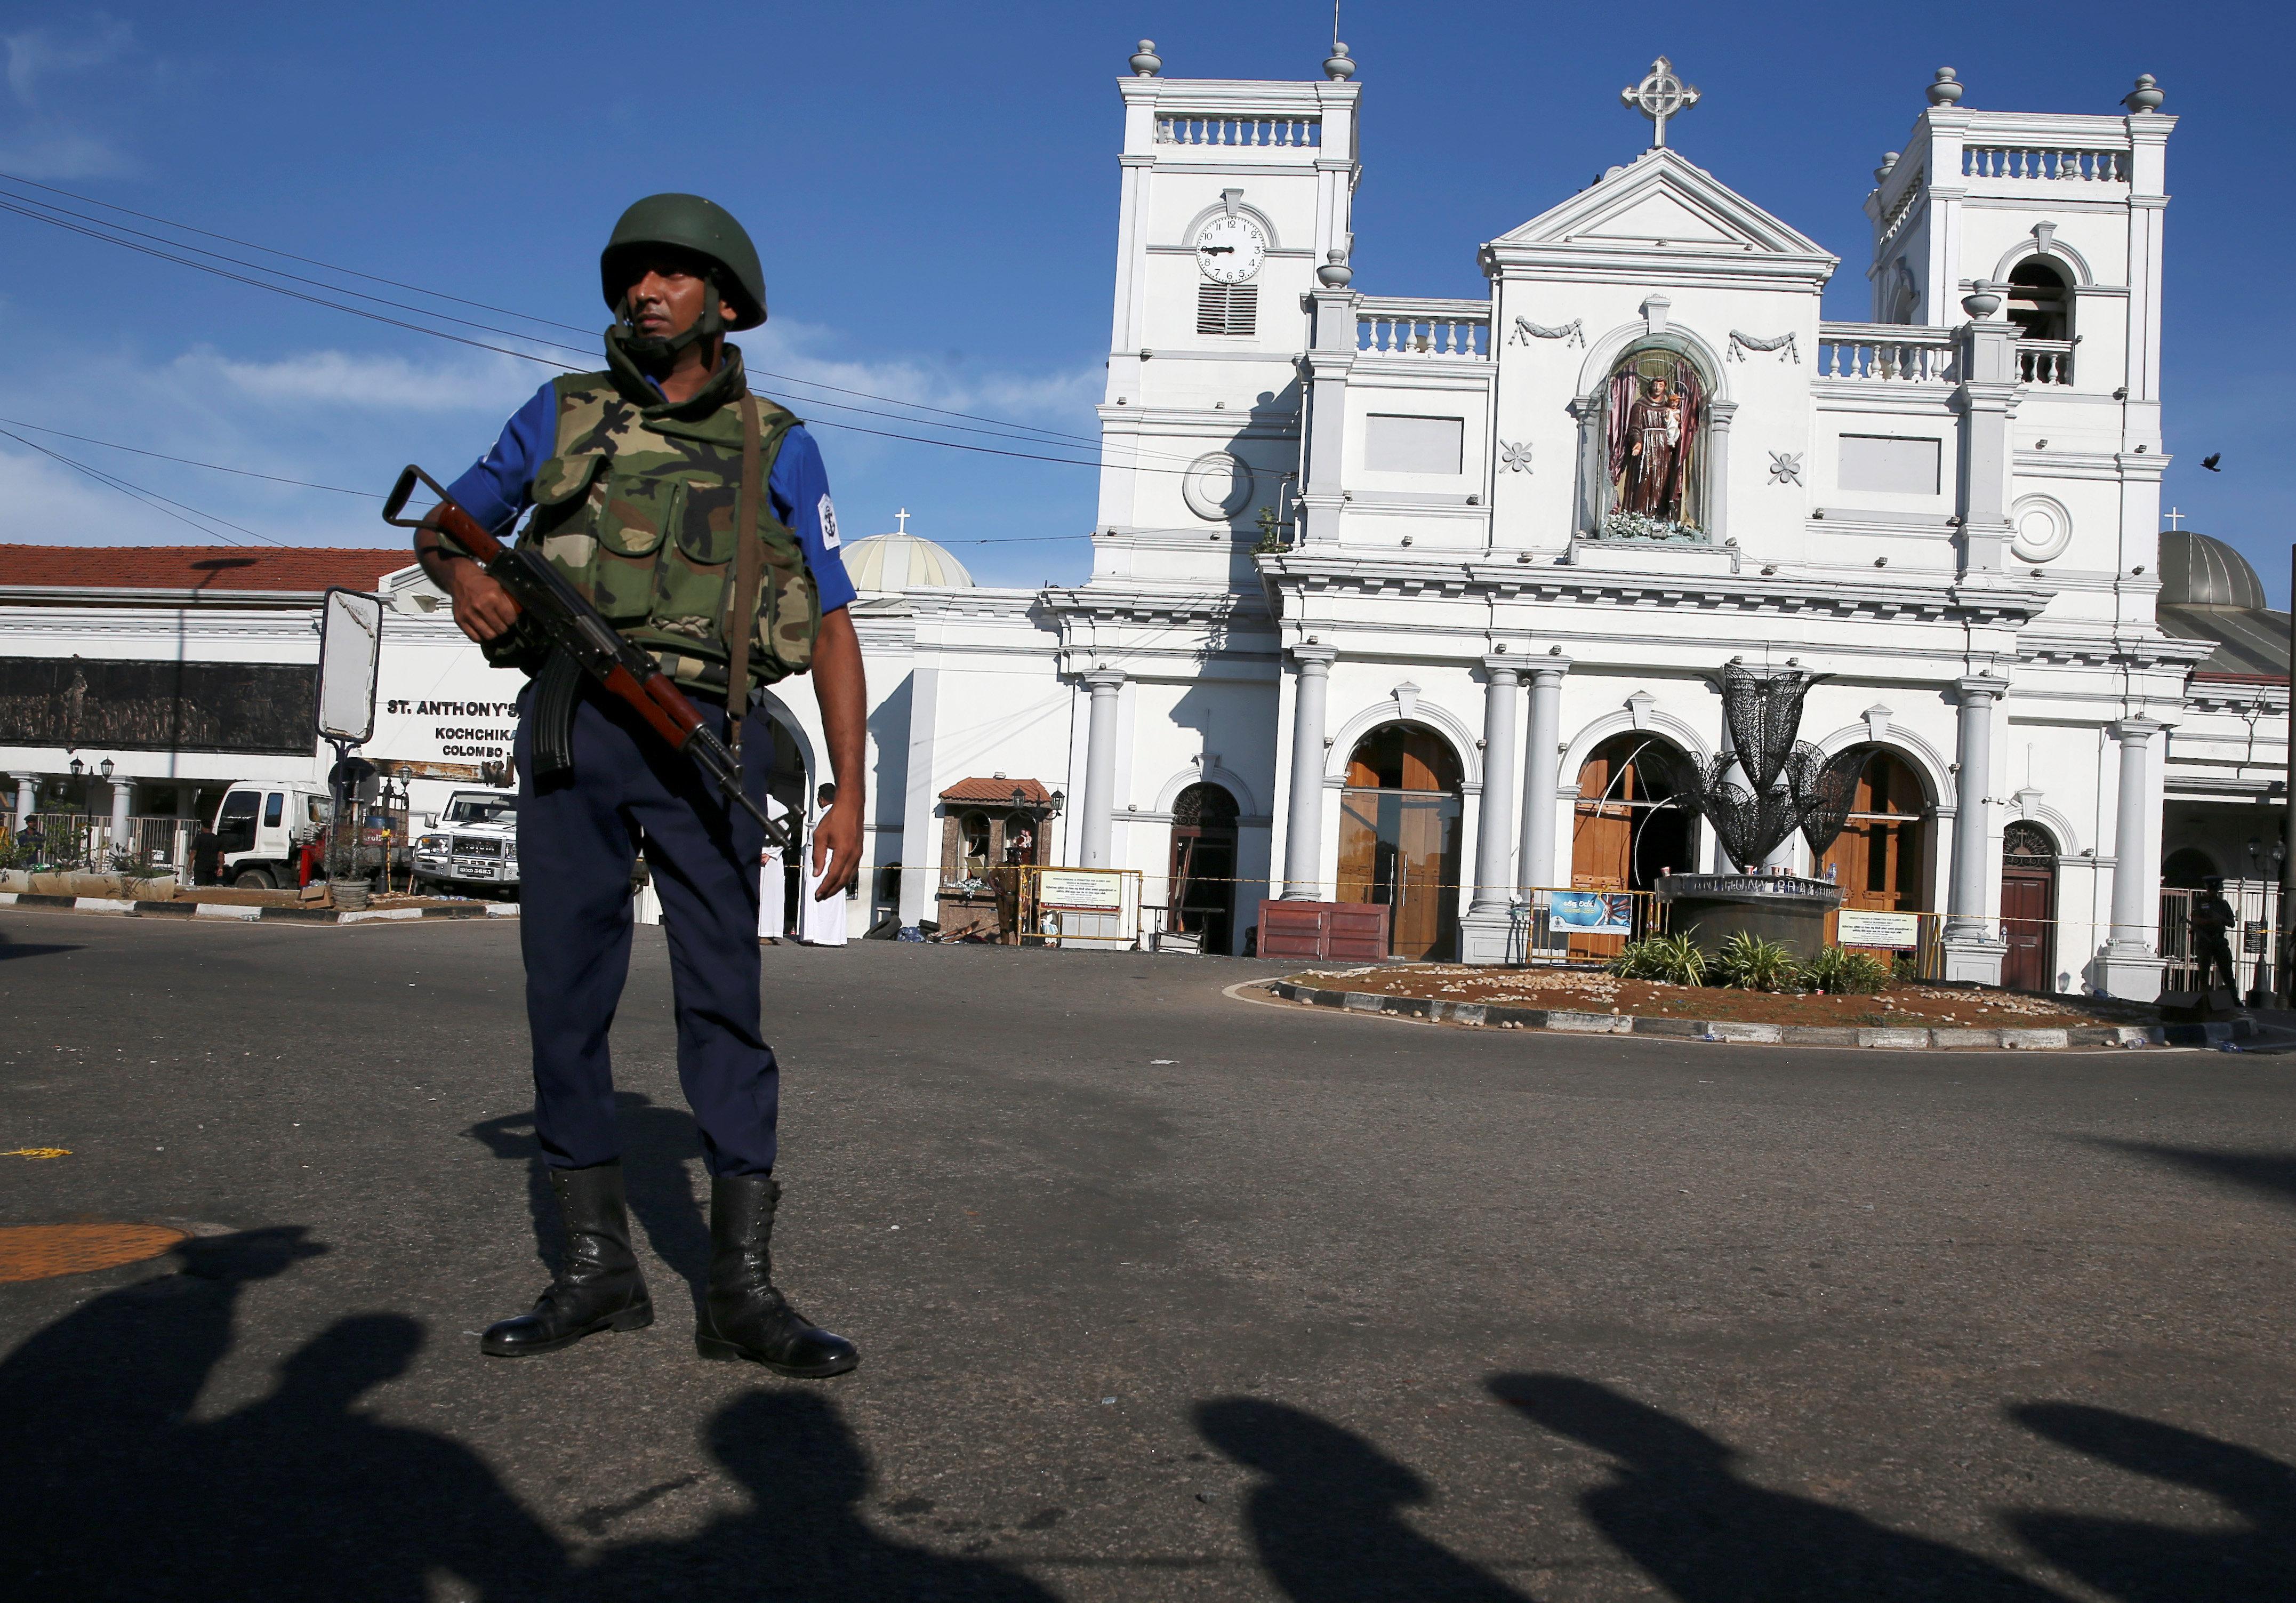 Un mouvement islamiste local à l'origine des explosions au Sri Lanka, selon le